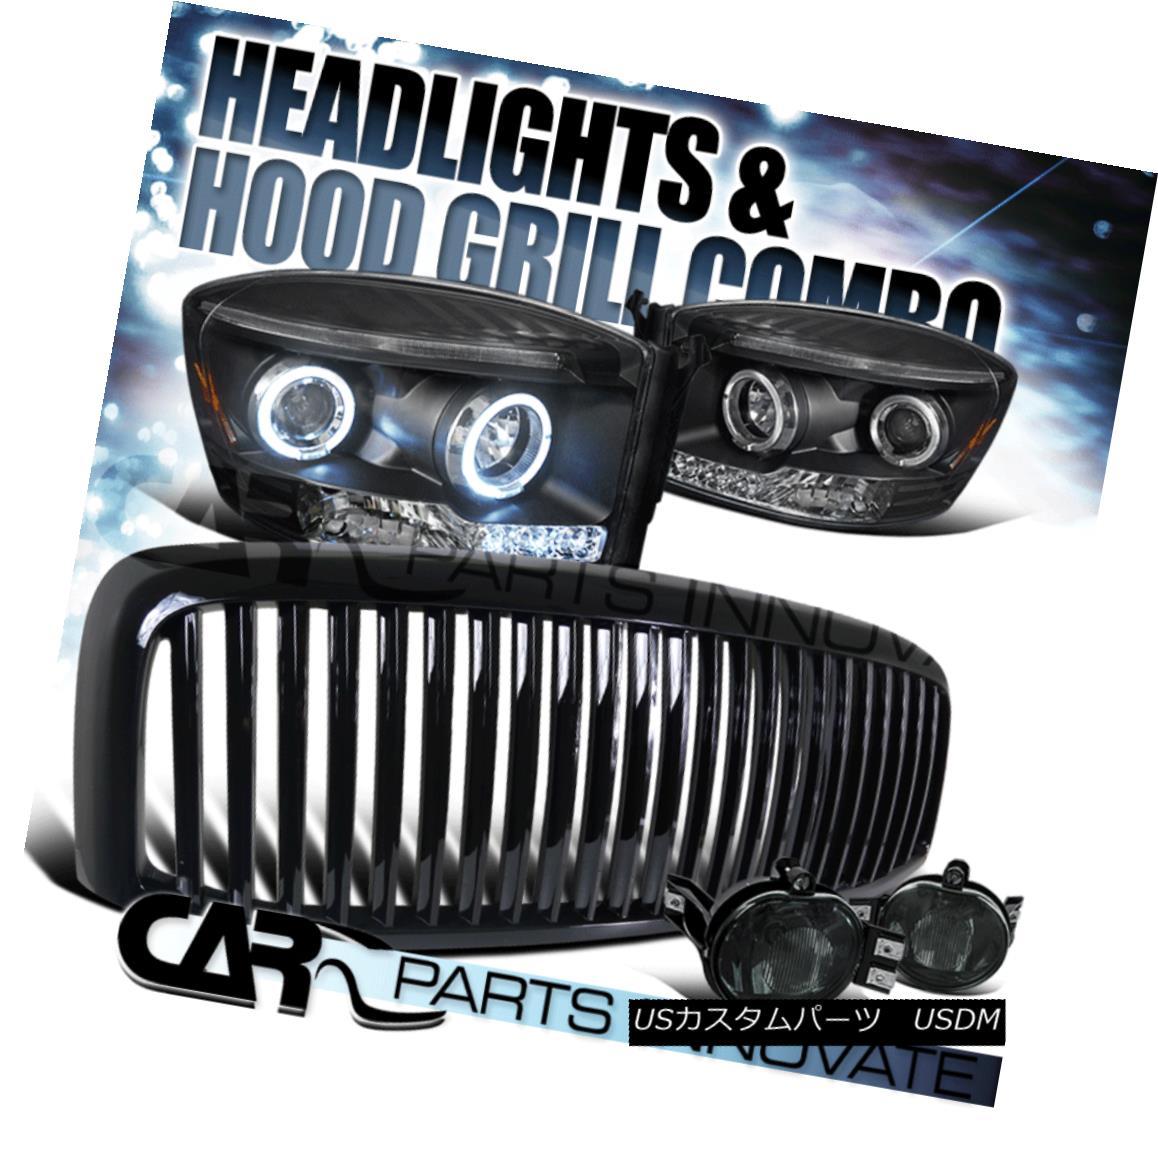 グリル 06-08 Ram 1500 2500 3500 Black LED Projector Headlights+Smoke Fog Lamp+Grille 06-08 Ram 1500 2500 3500黒色LEDプロジェクターヘッドライト+スモーキー keフォグランプ+グリル